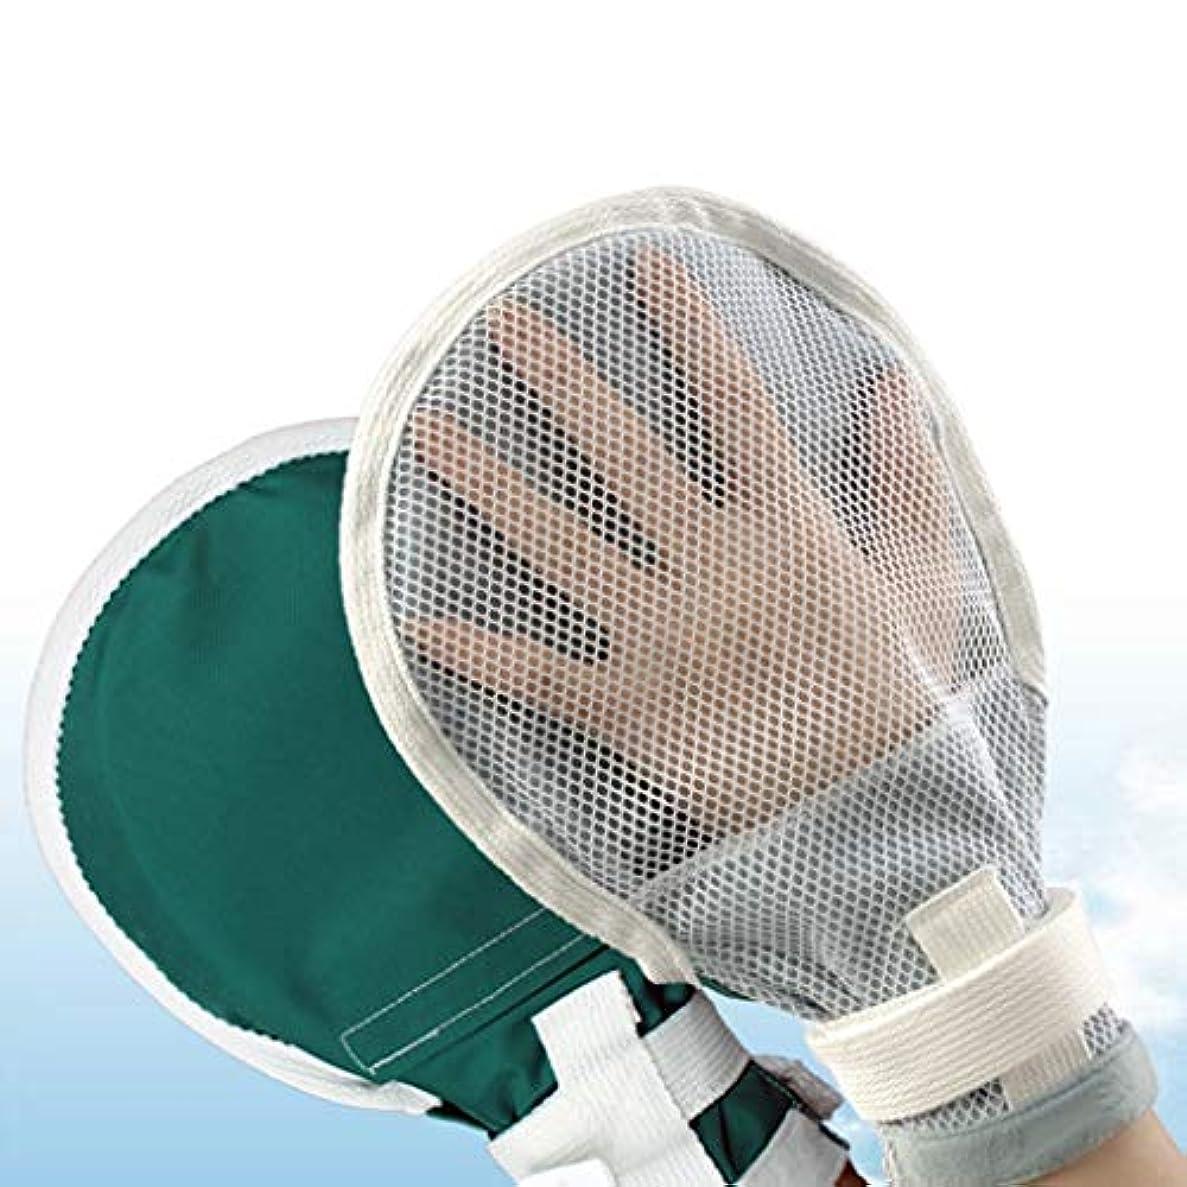 許される依存する断言する医療用拘束手袋 - 患者の手の感染に対する保護手袋 - 高齢者認知症安全保持手袋